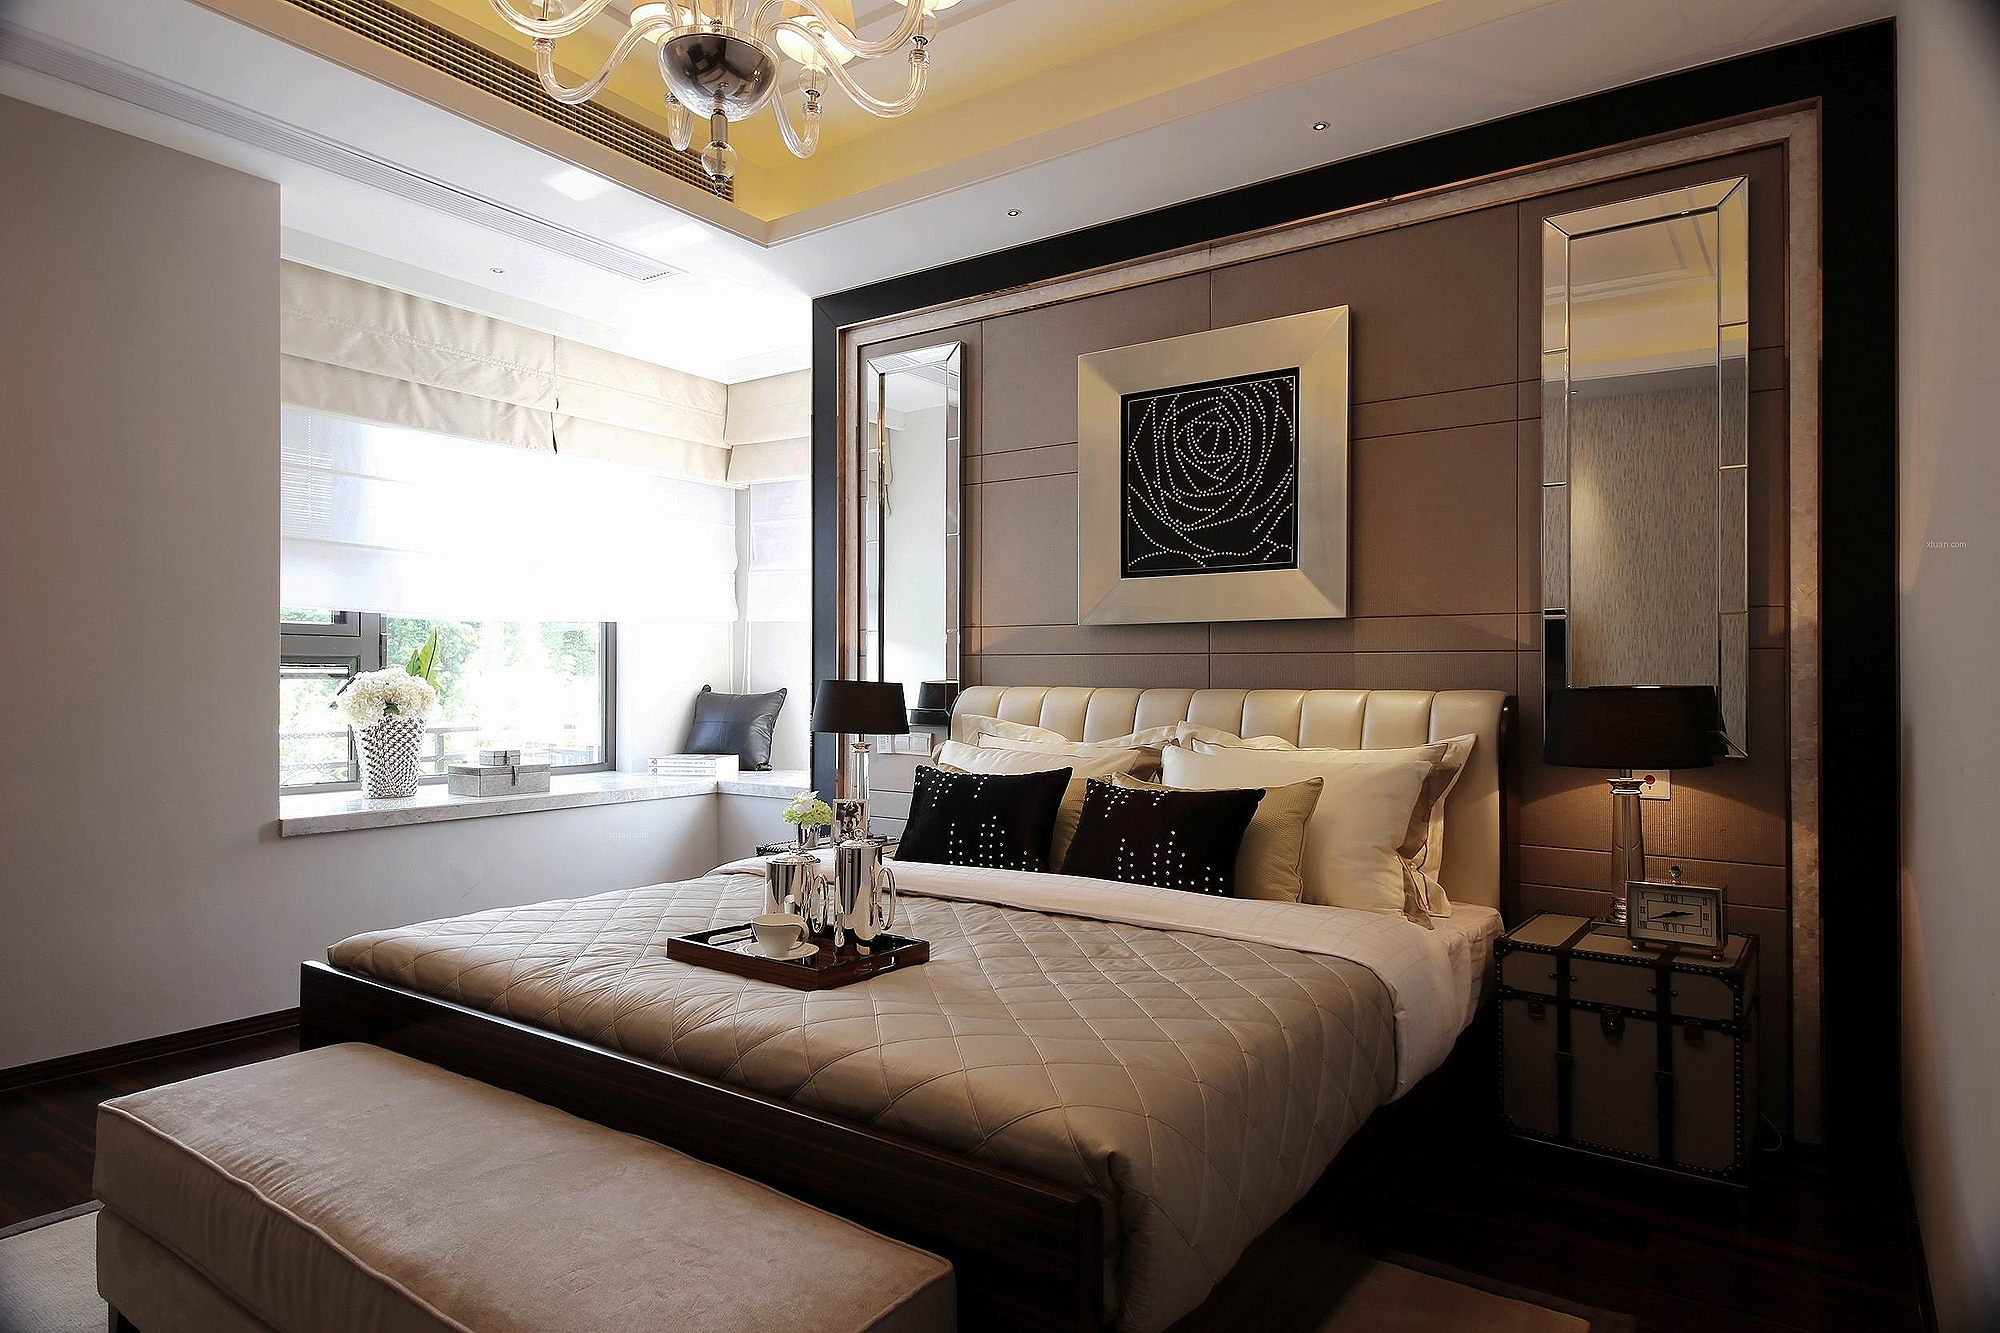 前海广场 户型图 原始结构图 好易家 装饰 装修 现代简约 卧室图片来自好易家装饰集团在前海广场的分享